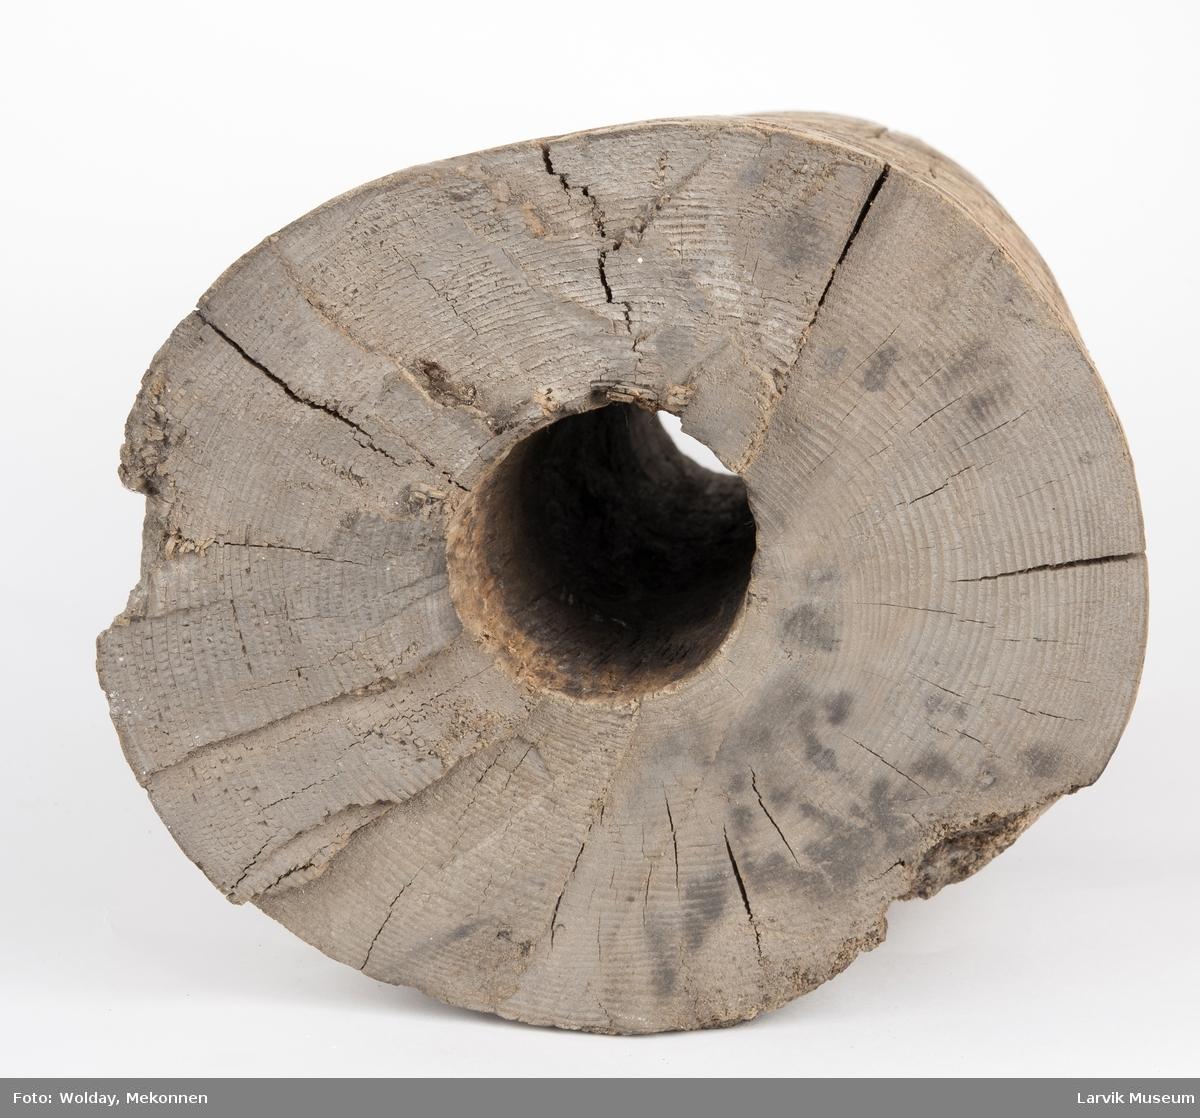 Sylinderformet med  hull tvers igjennom, en skrå ende